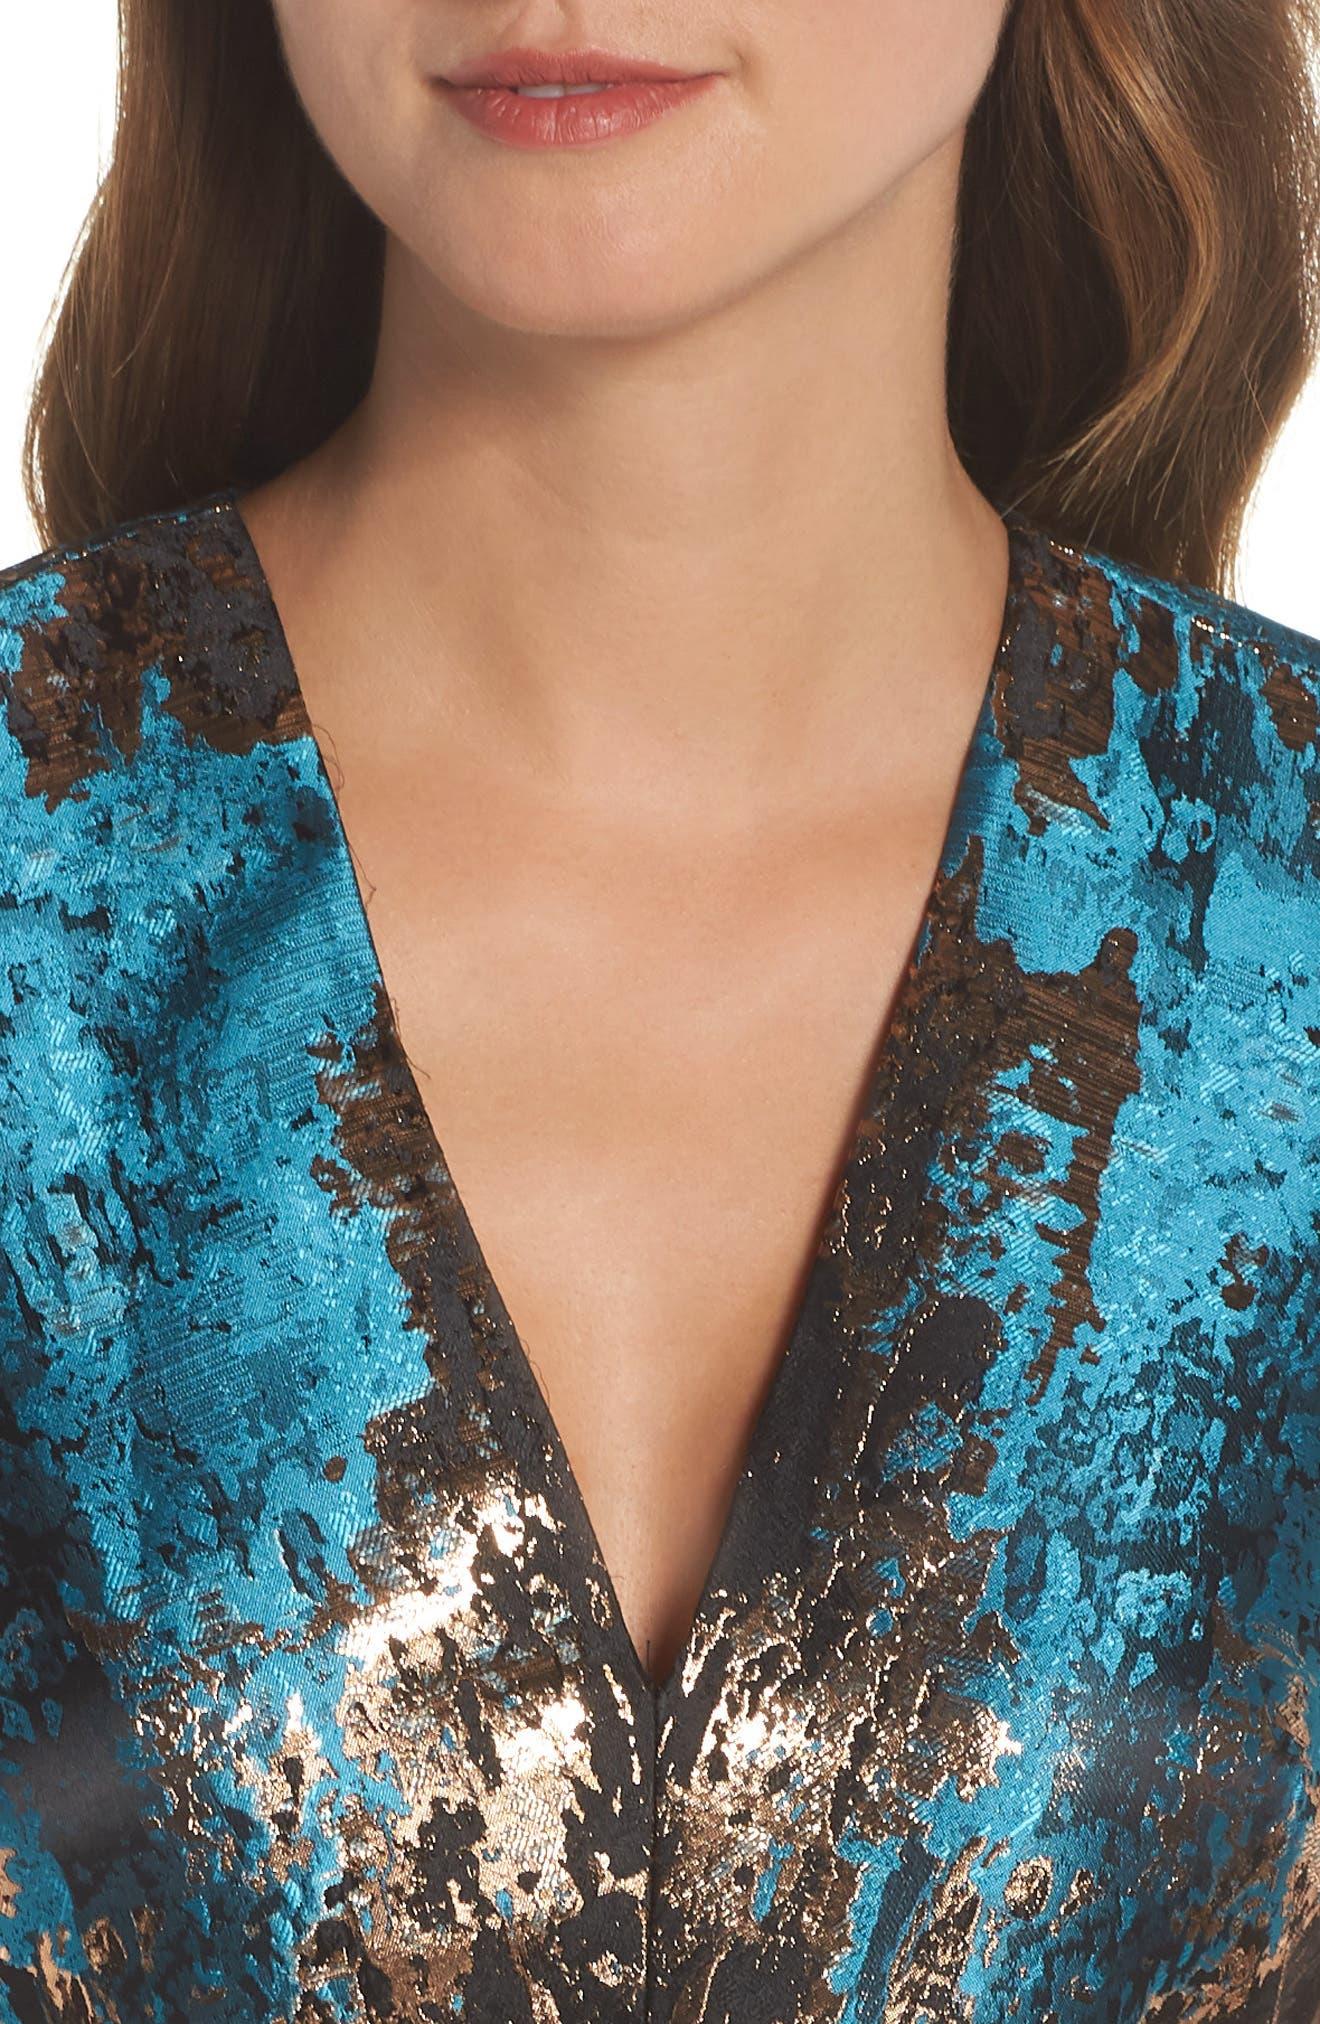 Jacquard Fit & Flare Dress,                             Alternate thumbnail 4, color,                             TEAL MULTI